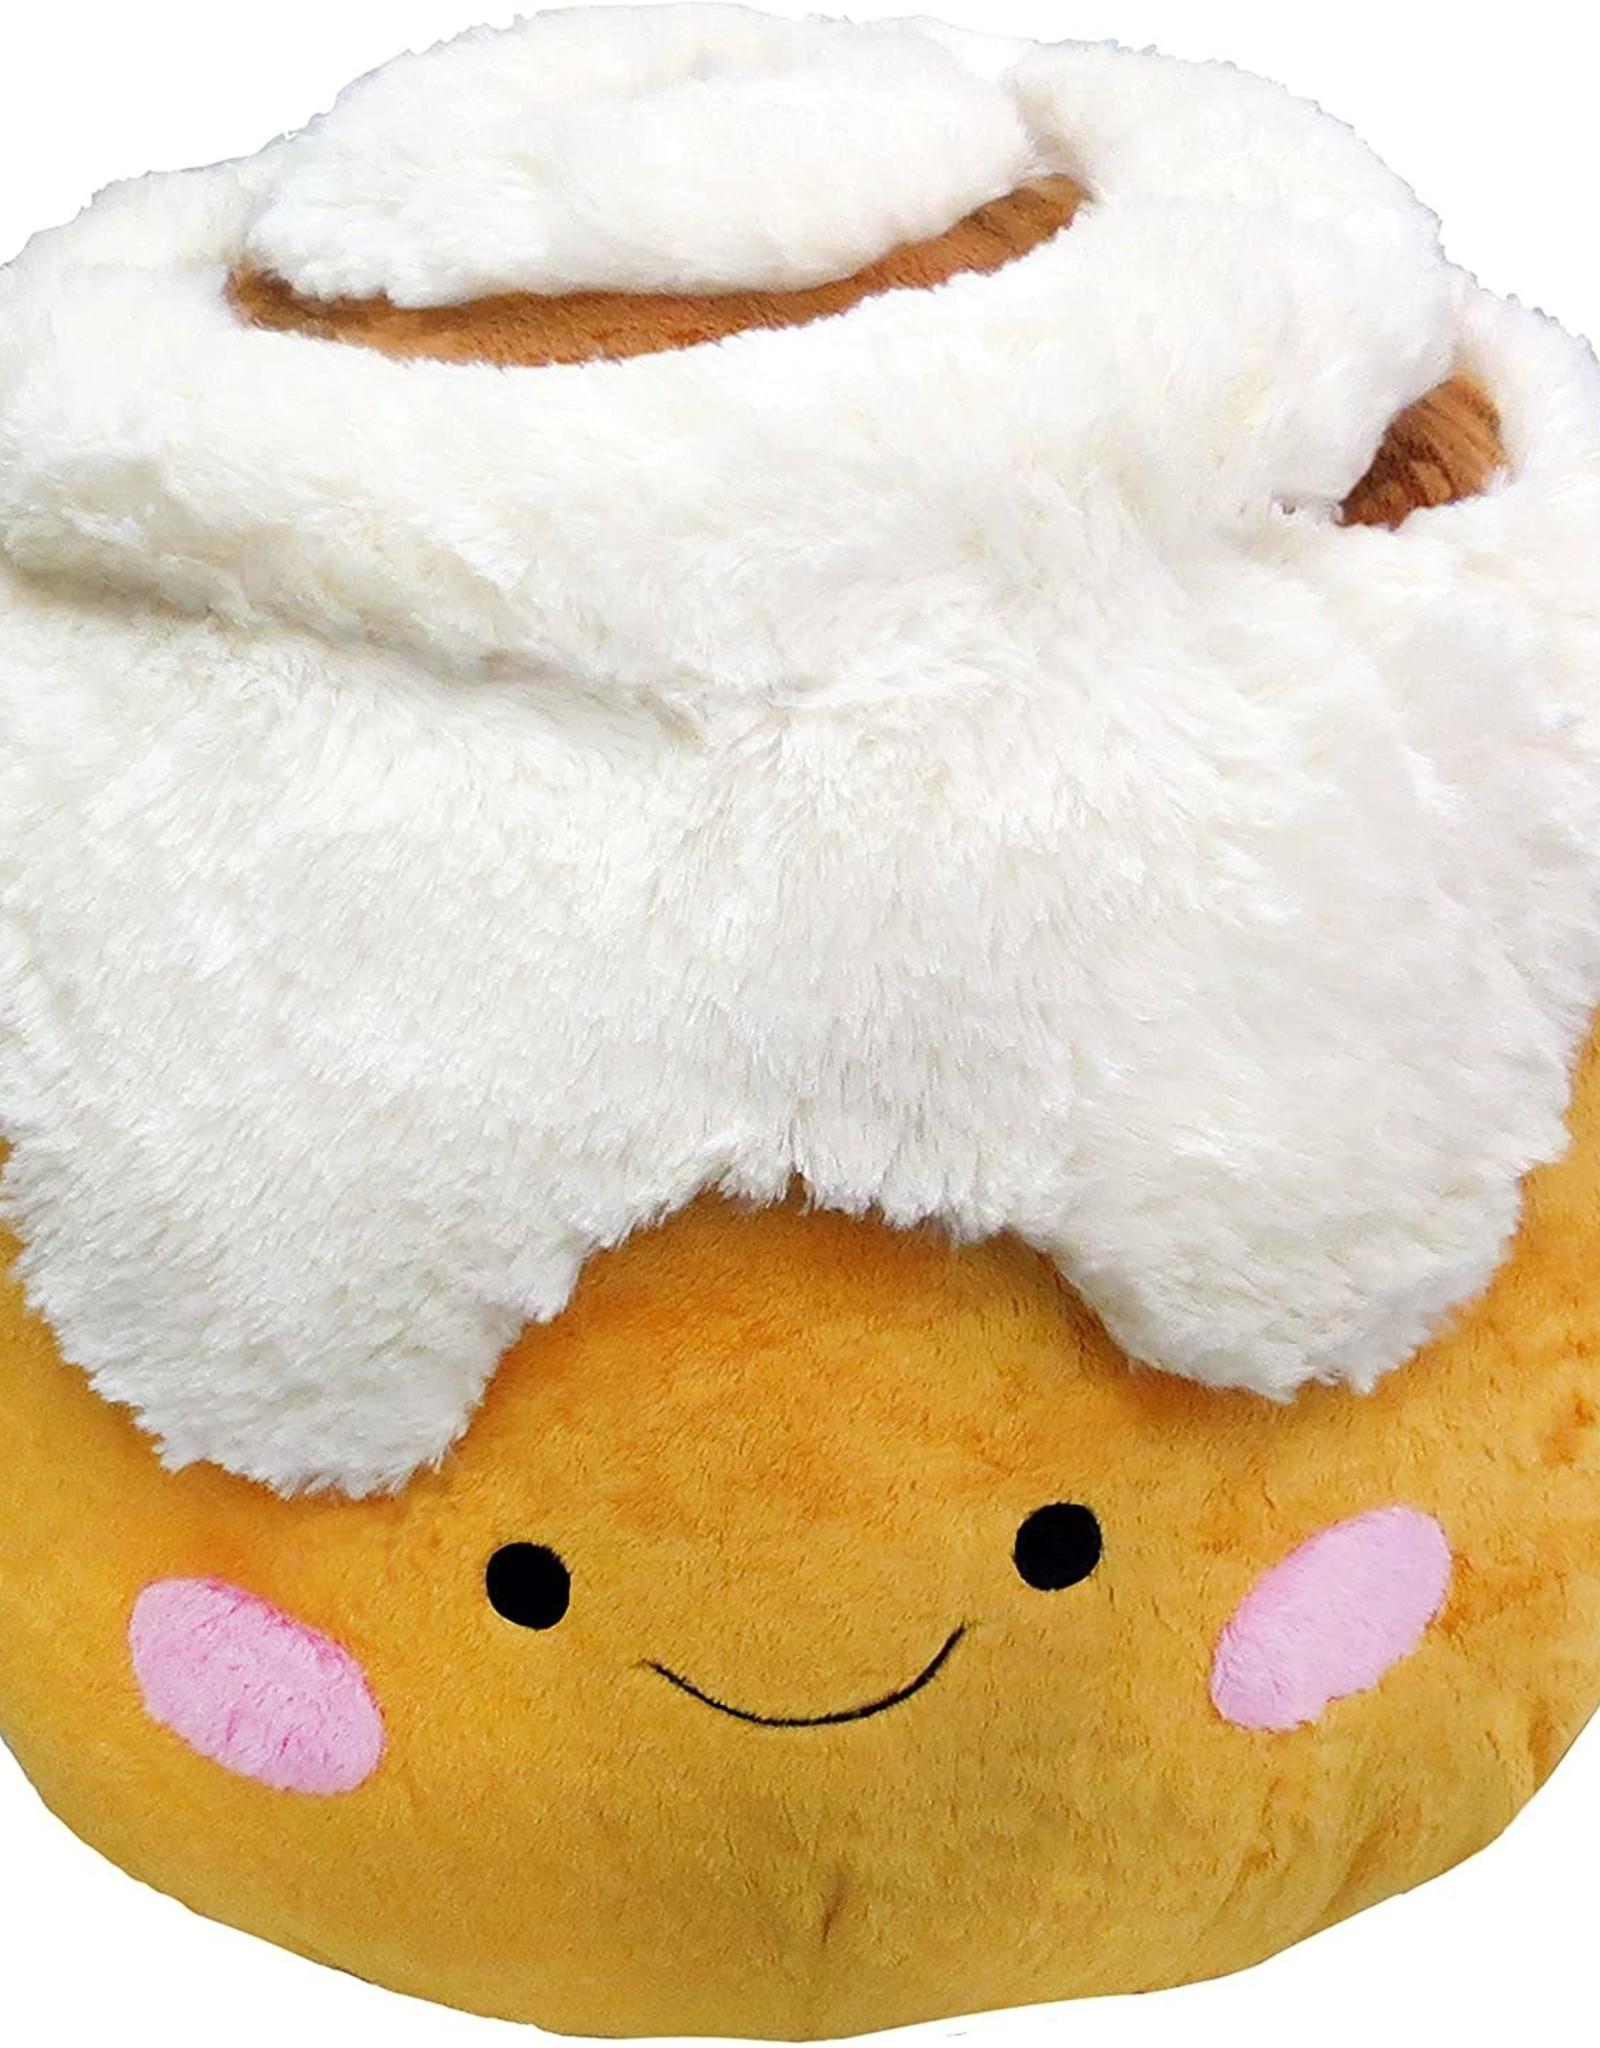 Squishable Mini Squishable Cinnamon Bun